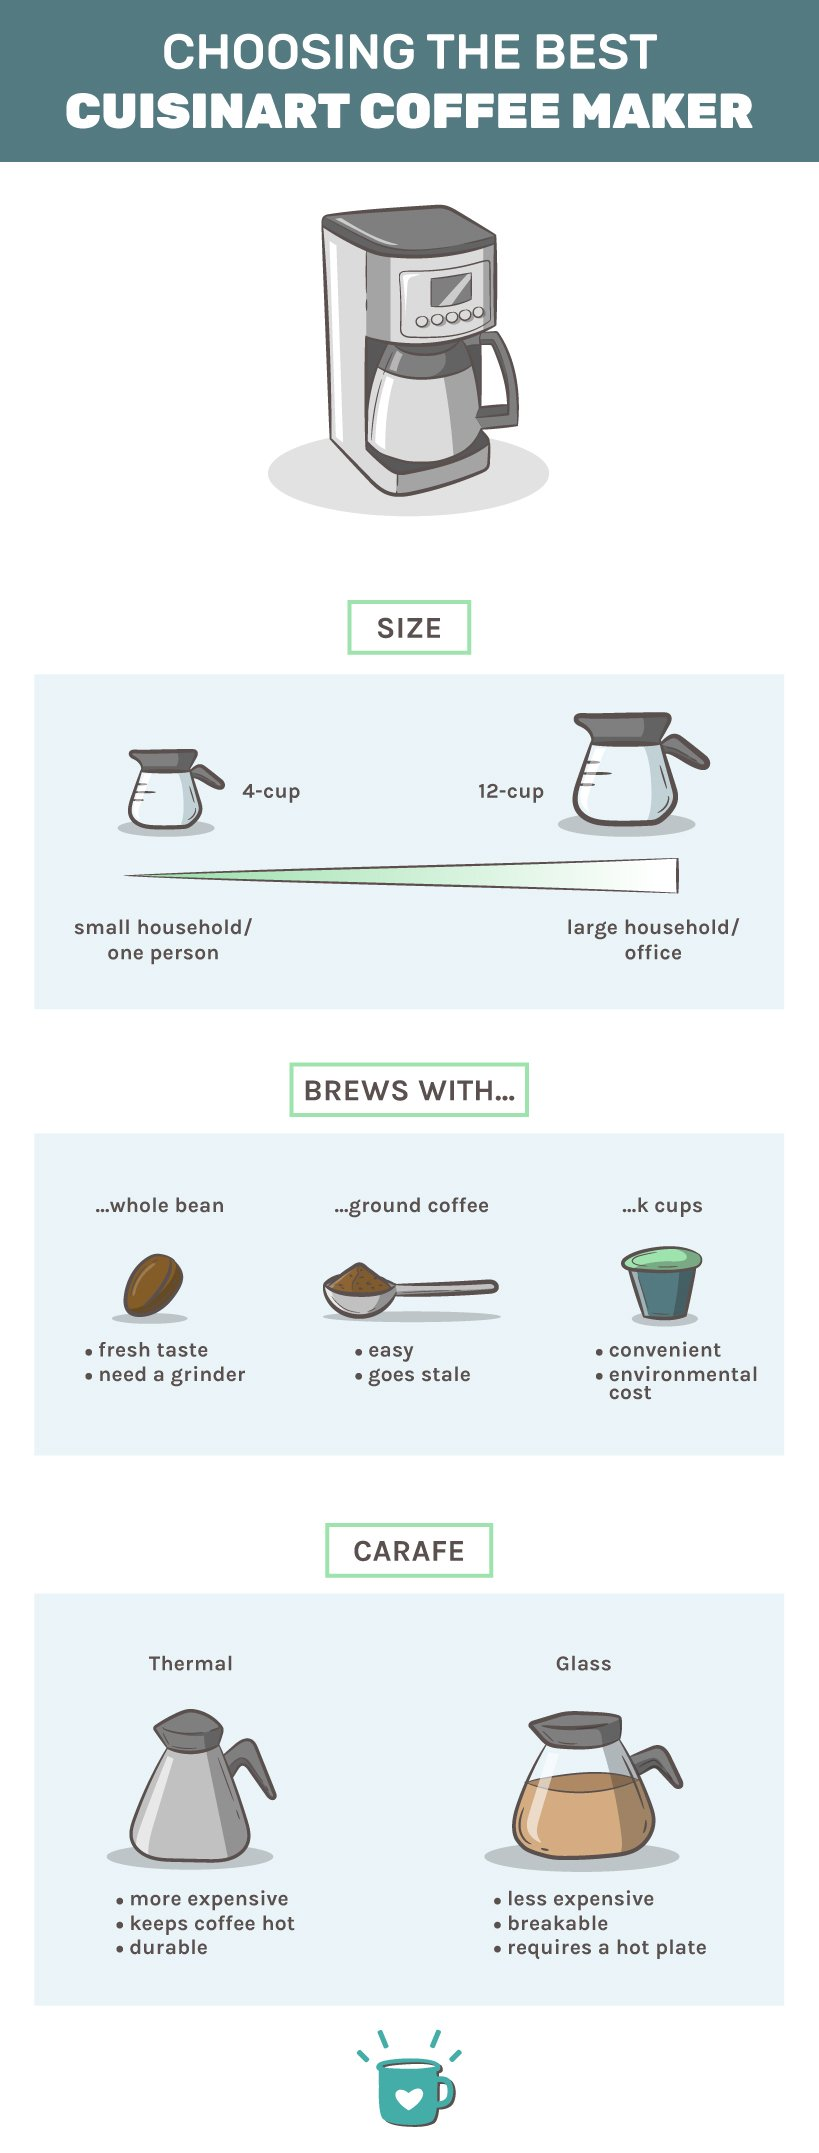 choosing a cuisinart coffee maker